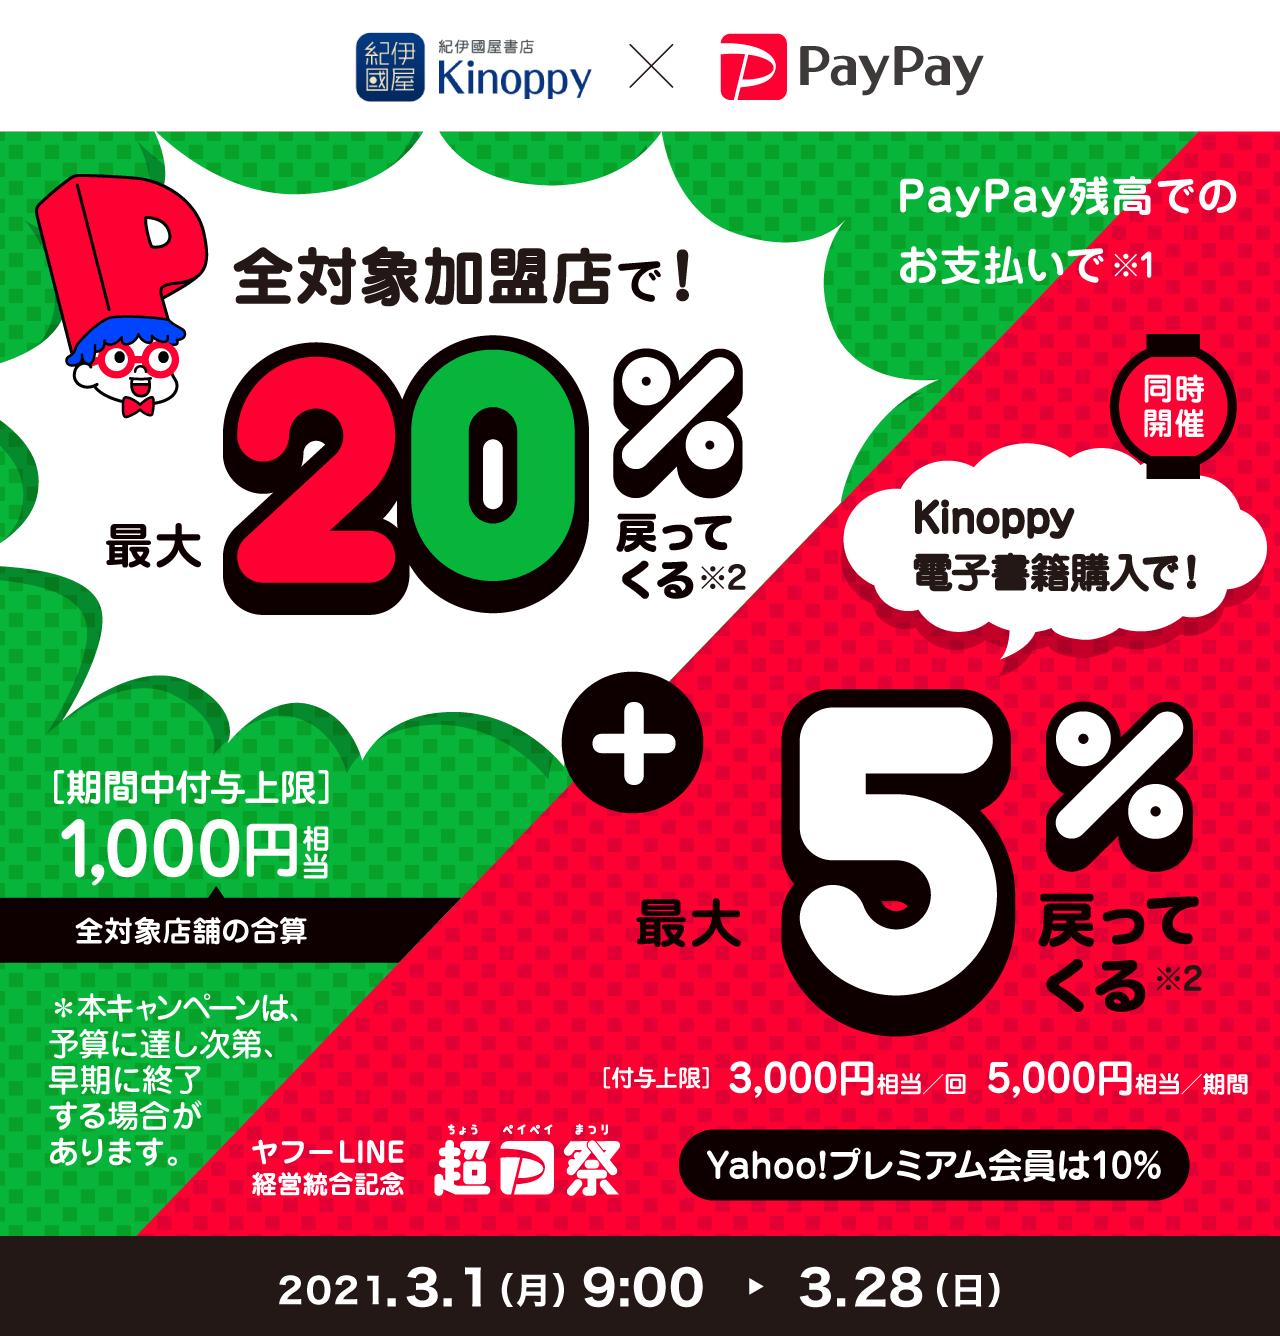 全対象加盟店で!最大20%戻ってくる + Kinoppyで!最大5%戻ってくる